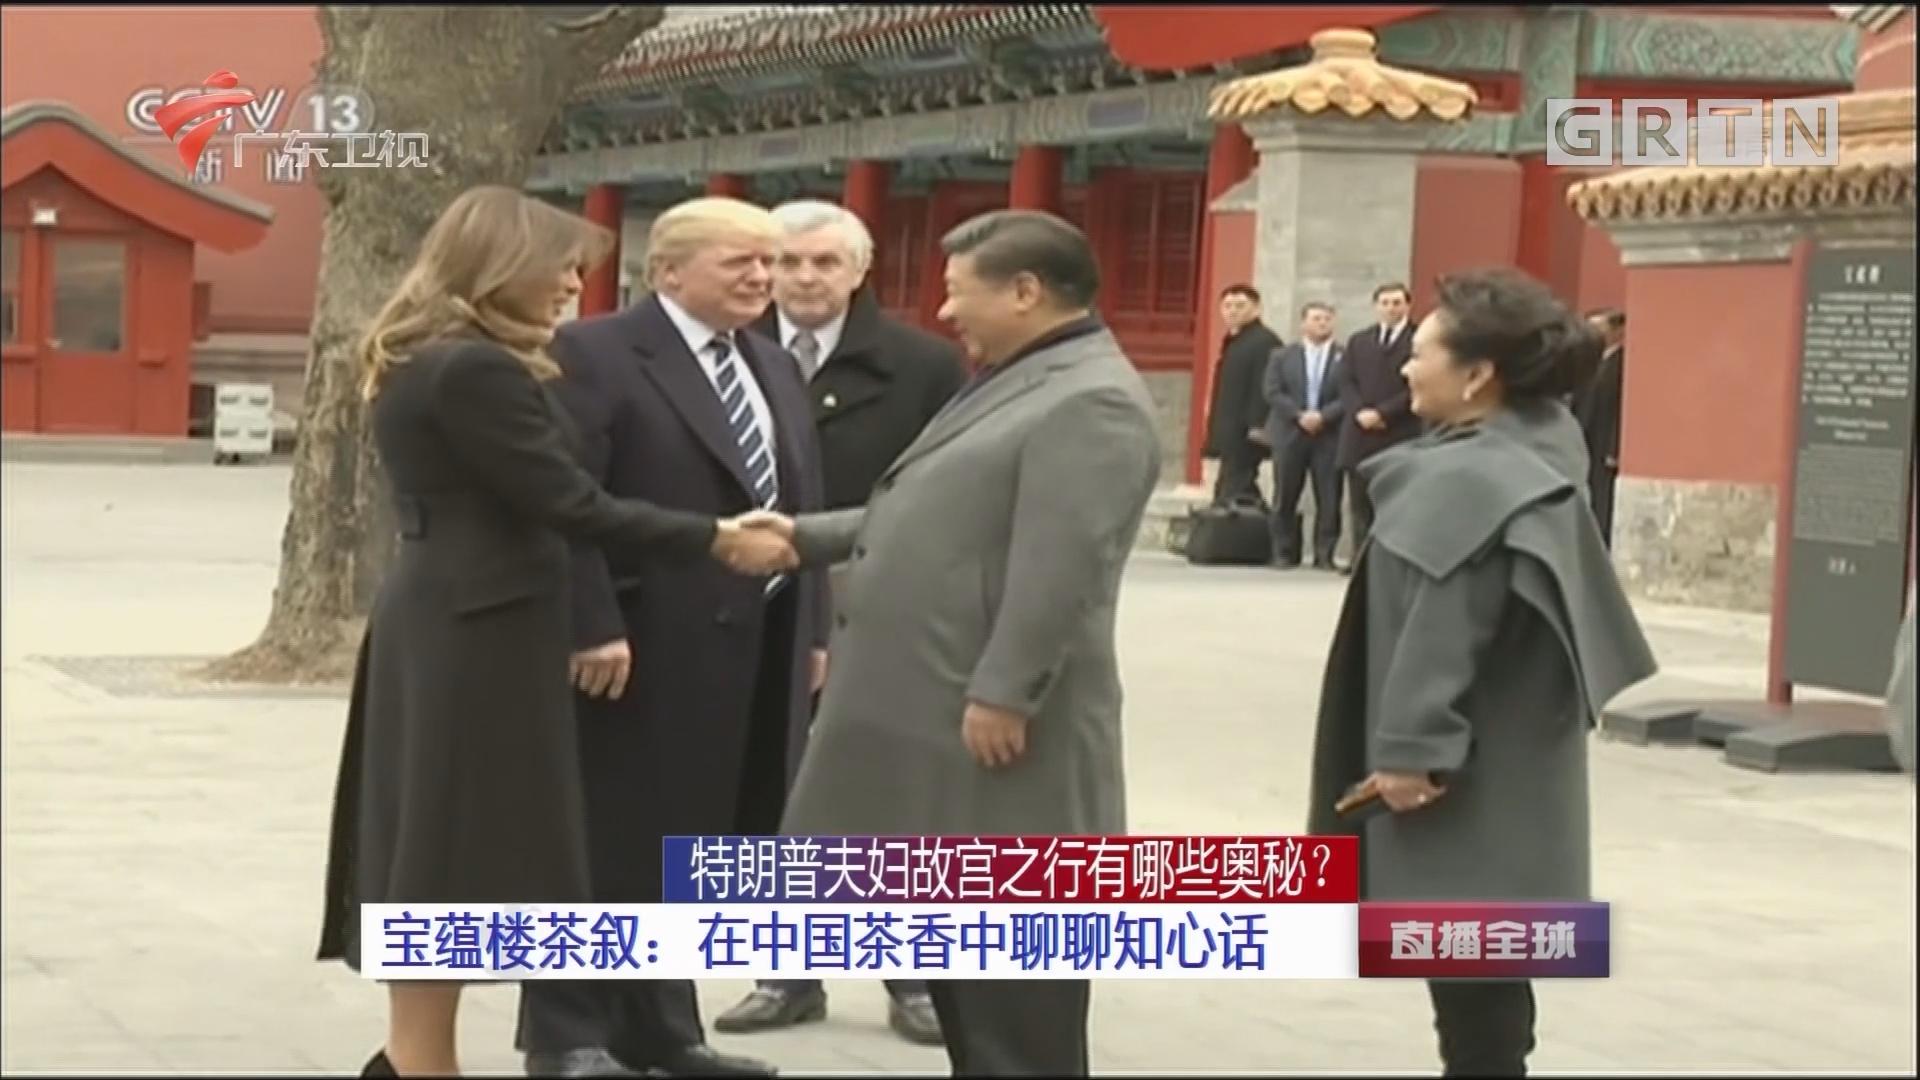 特朗普夫妇故宫之行有哪些奥秘? 宝蕴楼茶叙:在中国茶香中聊聊知心话